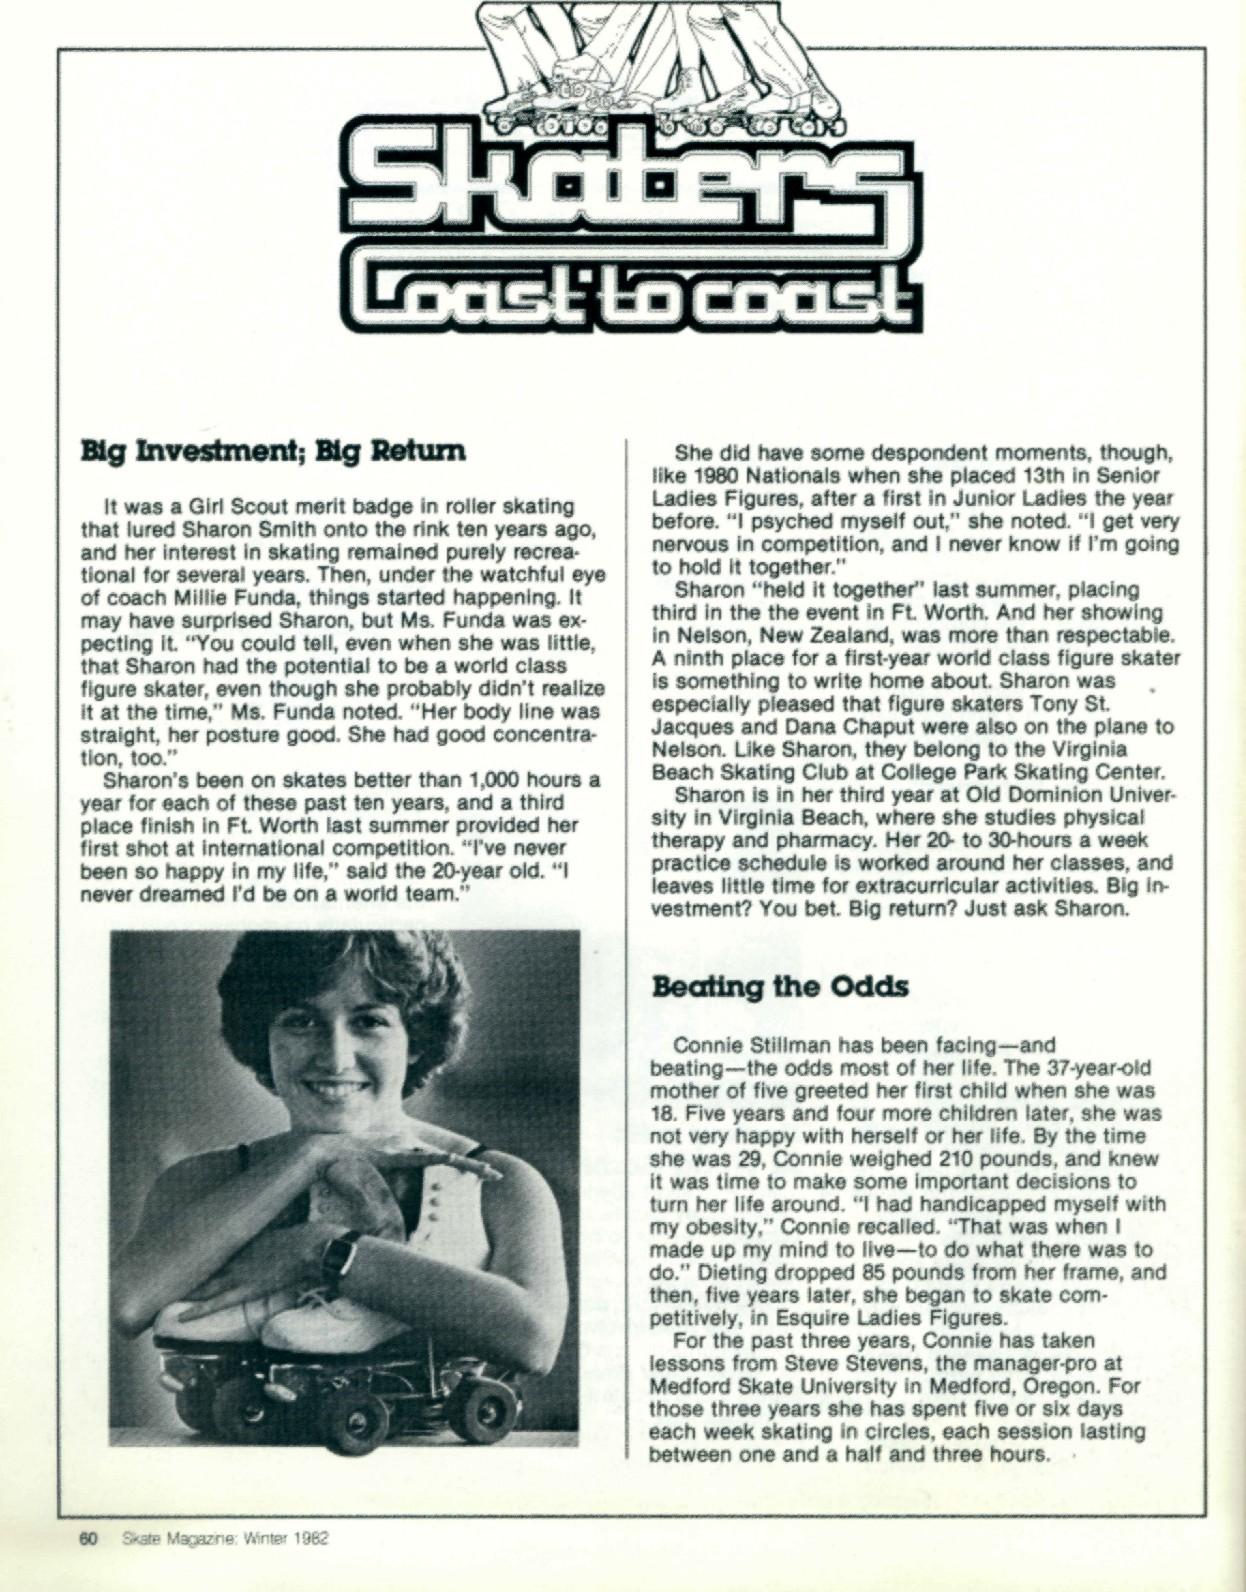 Classic Art Skating: SKATE Magazine